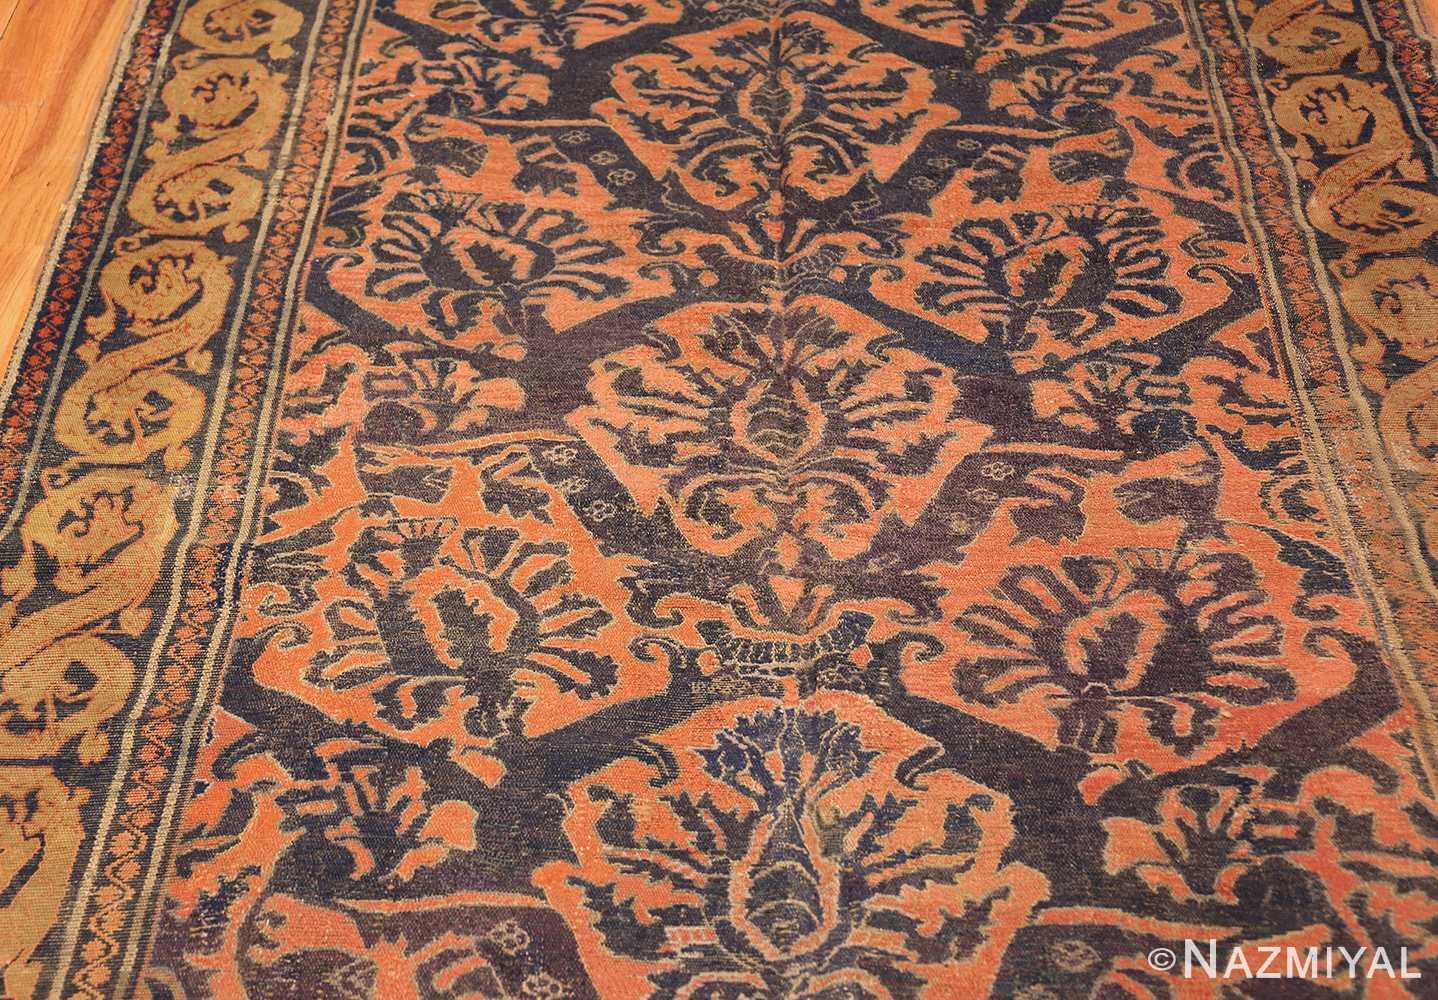 antique 16th entury alcaraz oriental rug 3288 full Nazmiyal